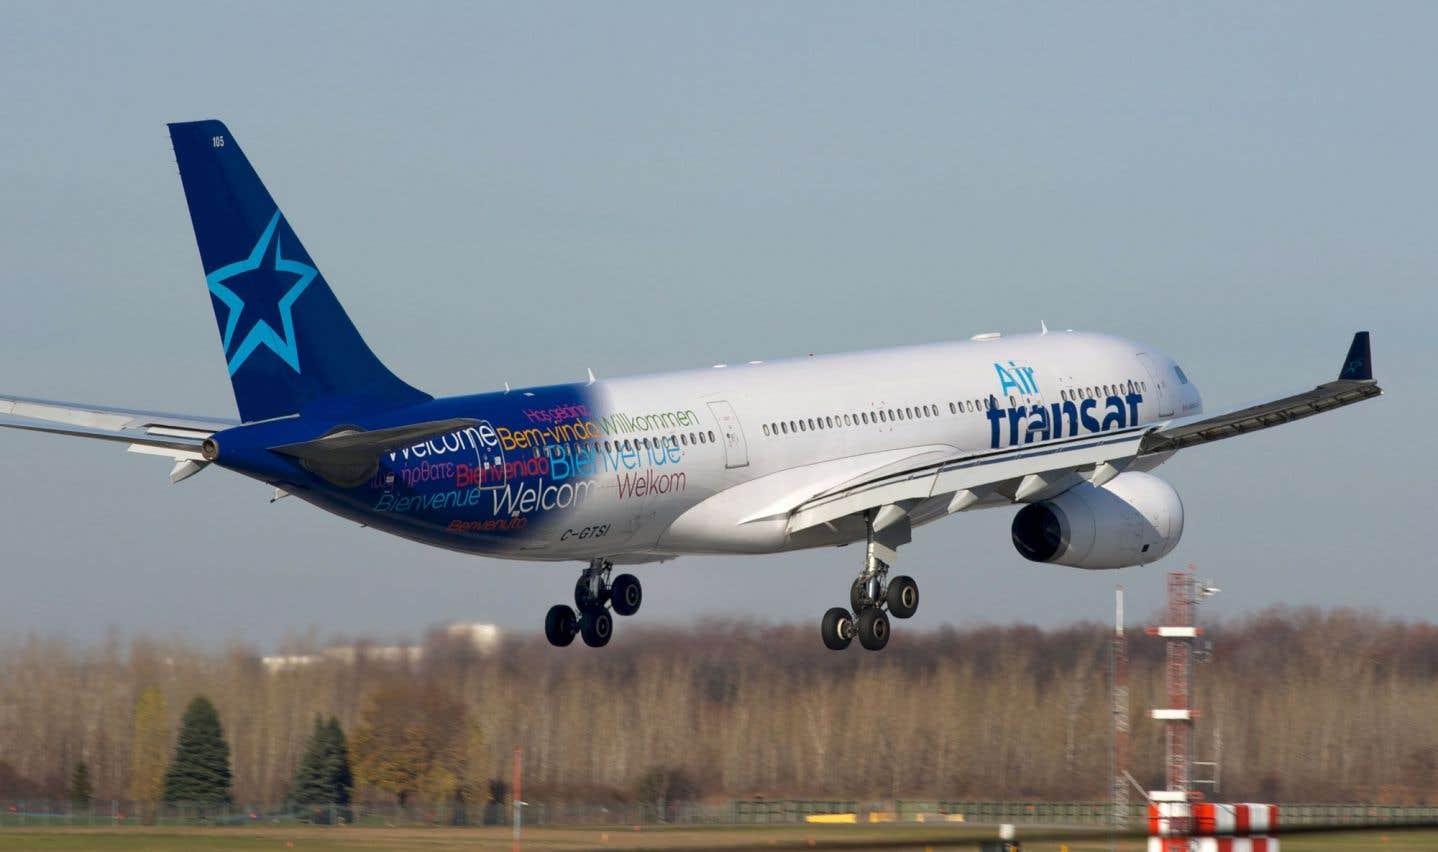 Des passagers d'Air Transat coincés dans des conditions difficiles à Ottawa